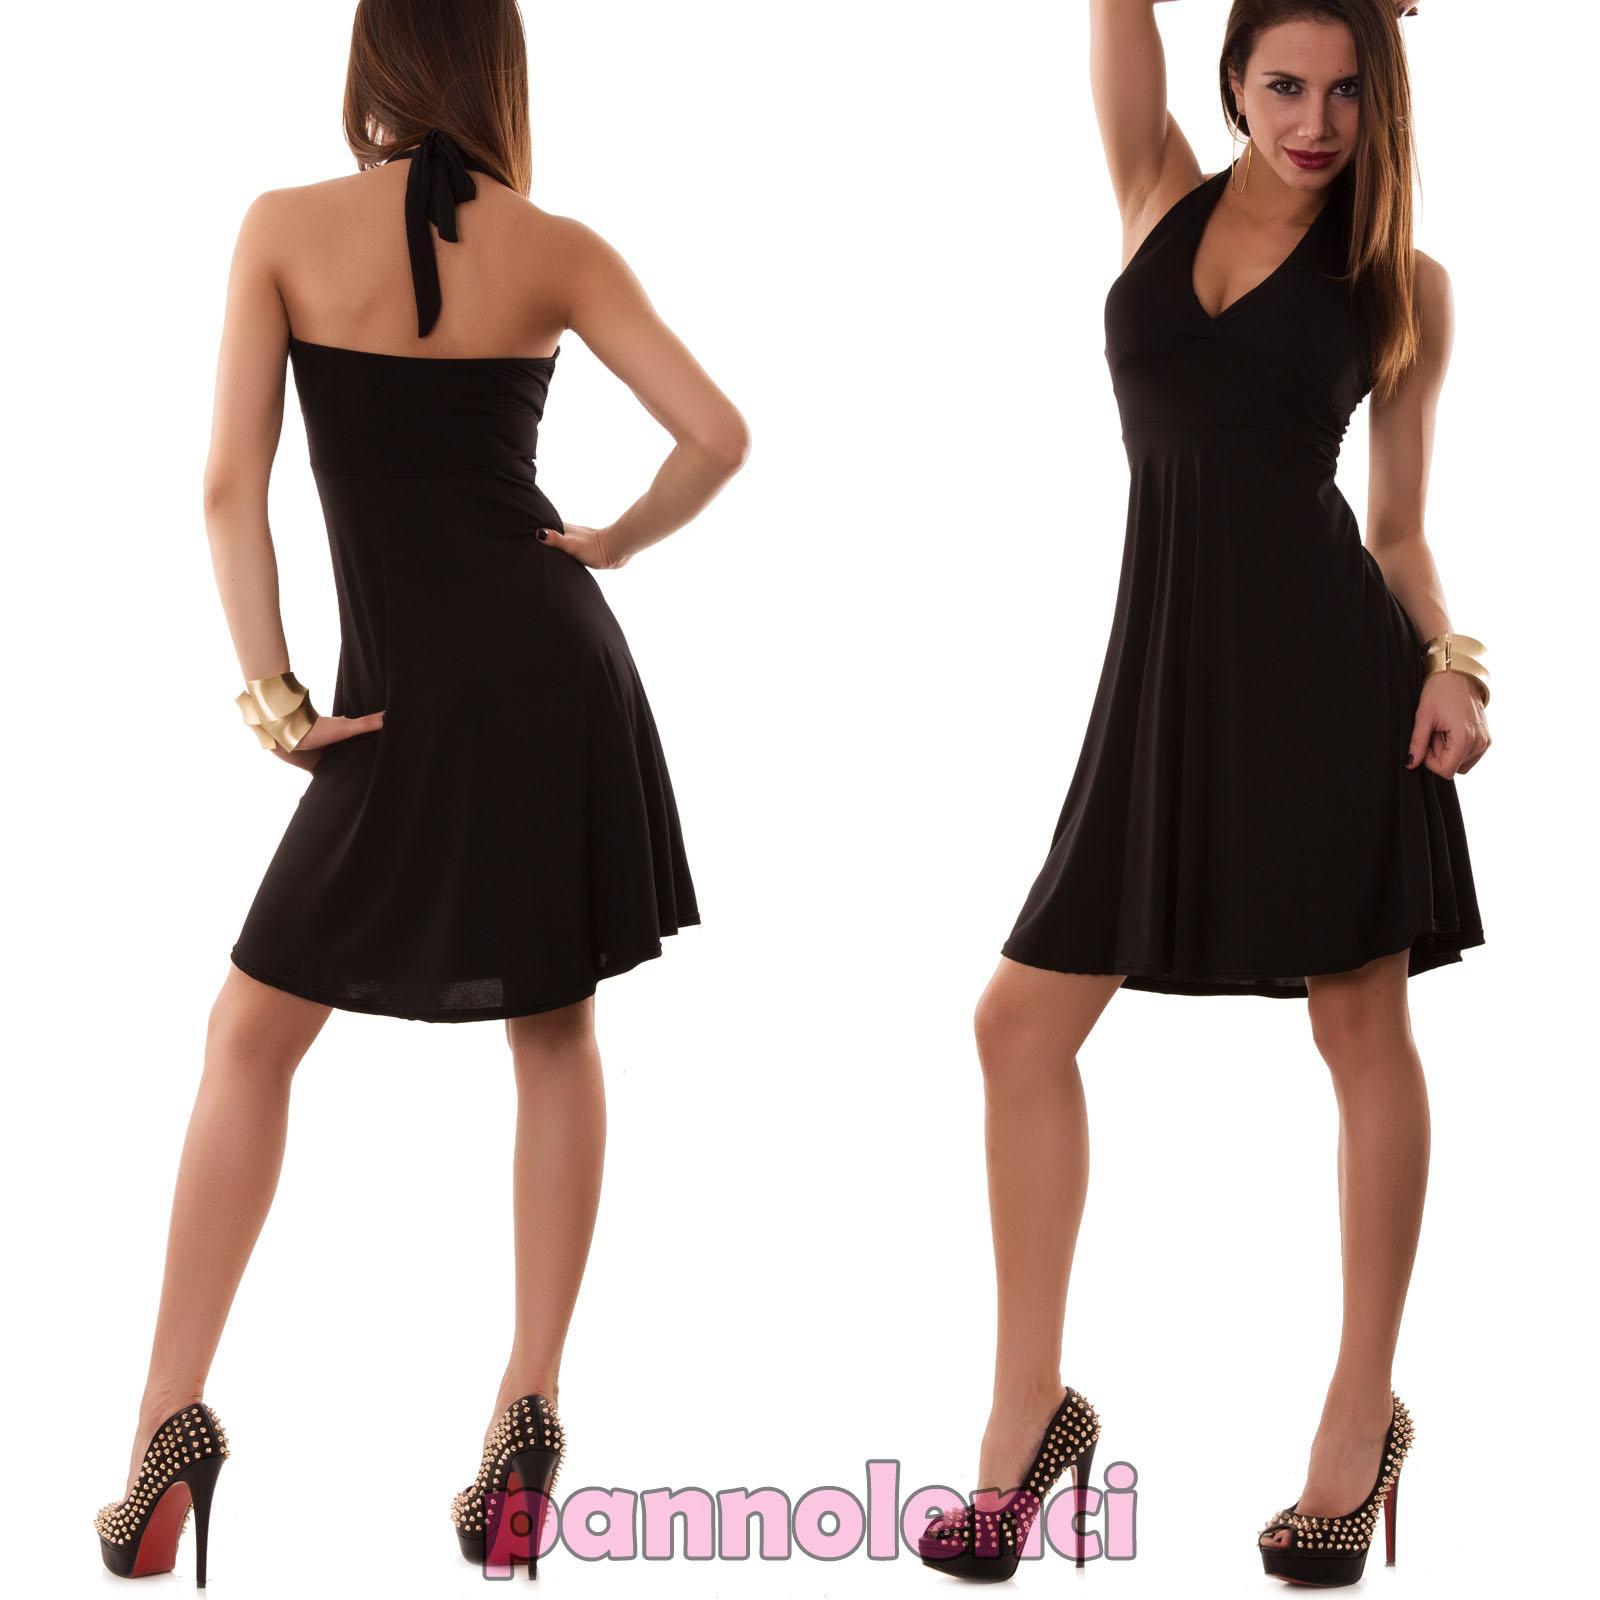 4bdccb92c063 Scollo Miniabito Ballo Pin Donna Up V Vestito Danza Copricostume AAq4ZwfX